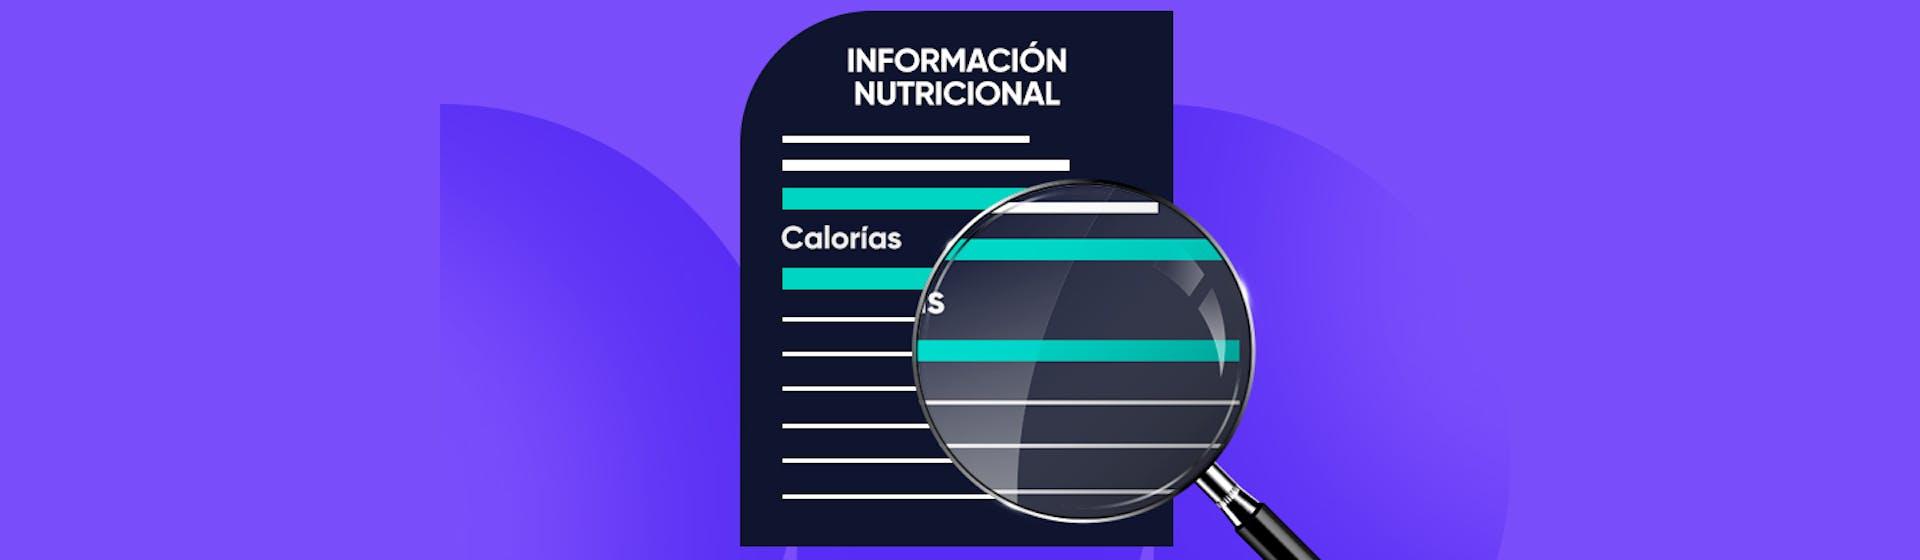 ¿Cómo leer una etiqueta nutricional para que no te engañen?